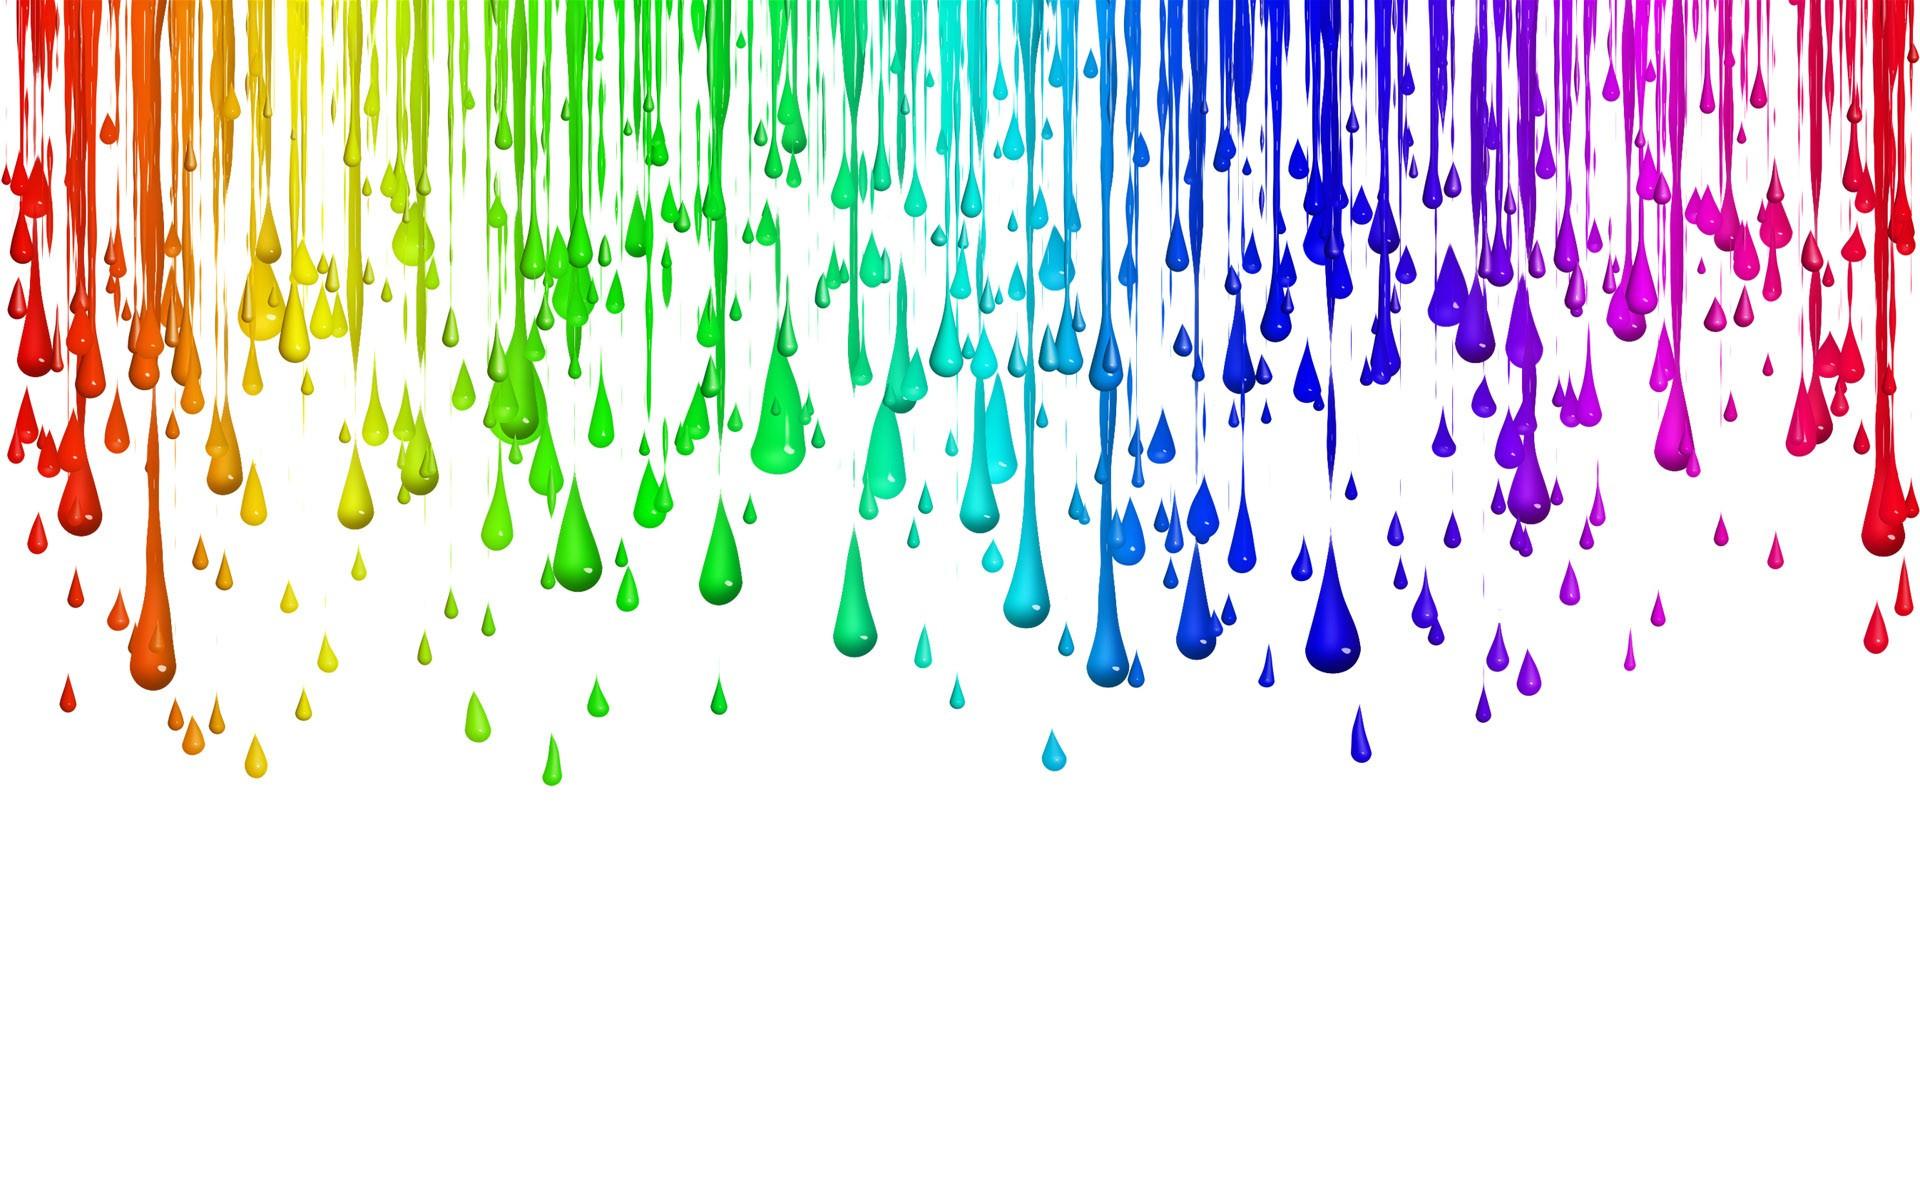 Paint drops wallpaper 3593 1920x1200